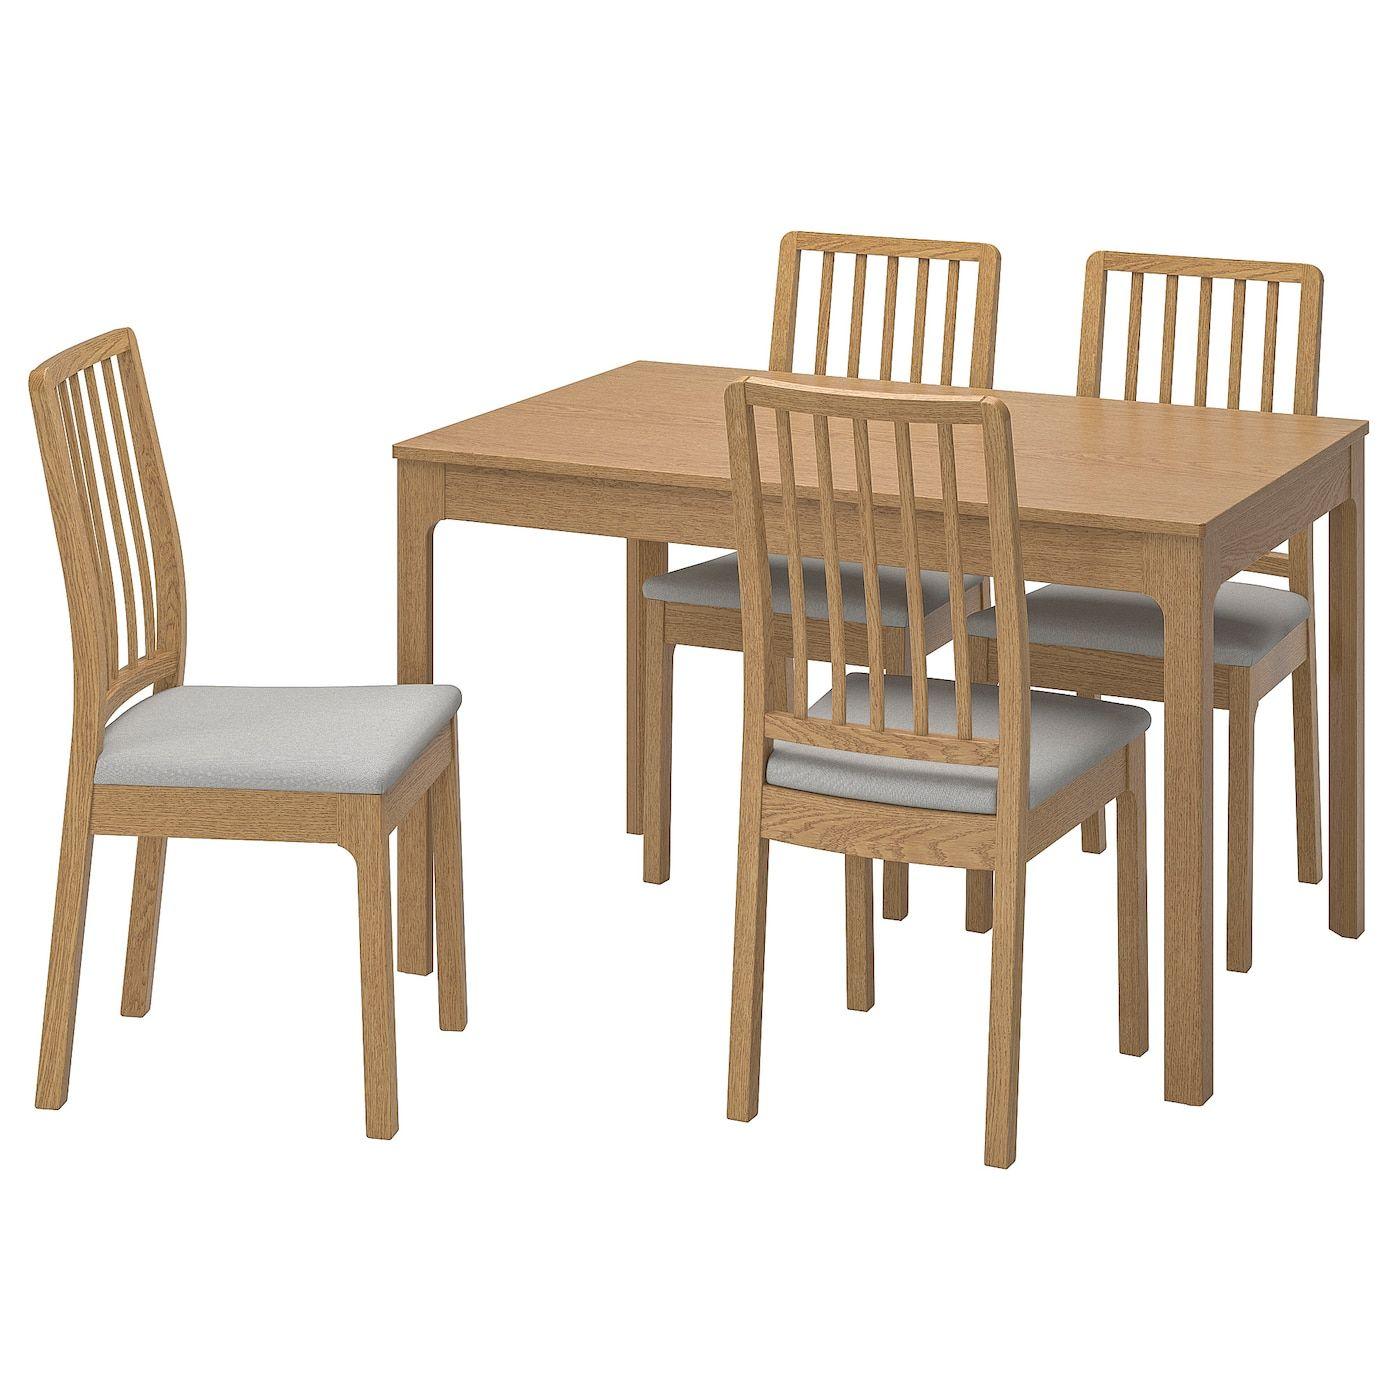 Ekedalen Ekedalen Tisch Und 4 Stuhle Eiche Orrsta Hellgrau